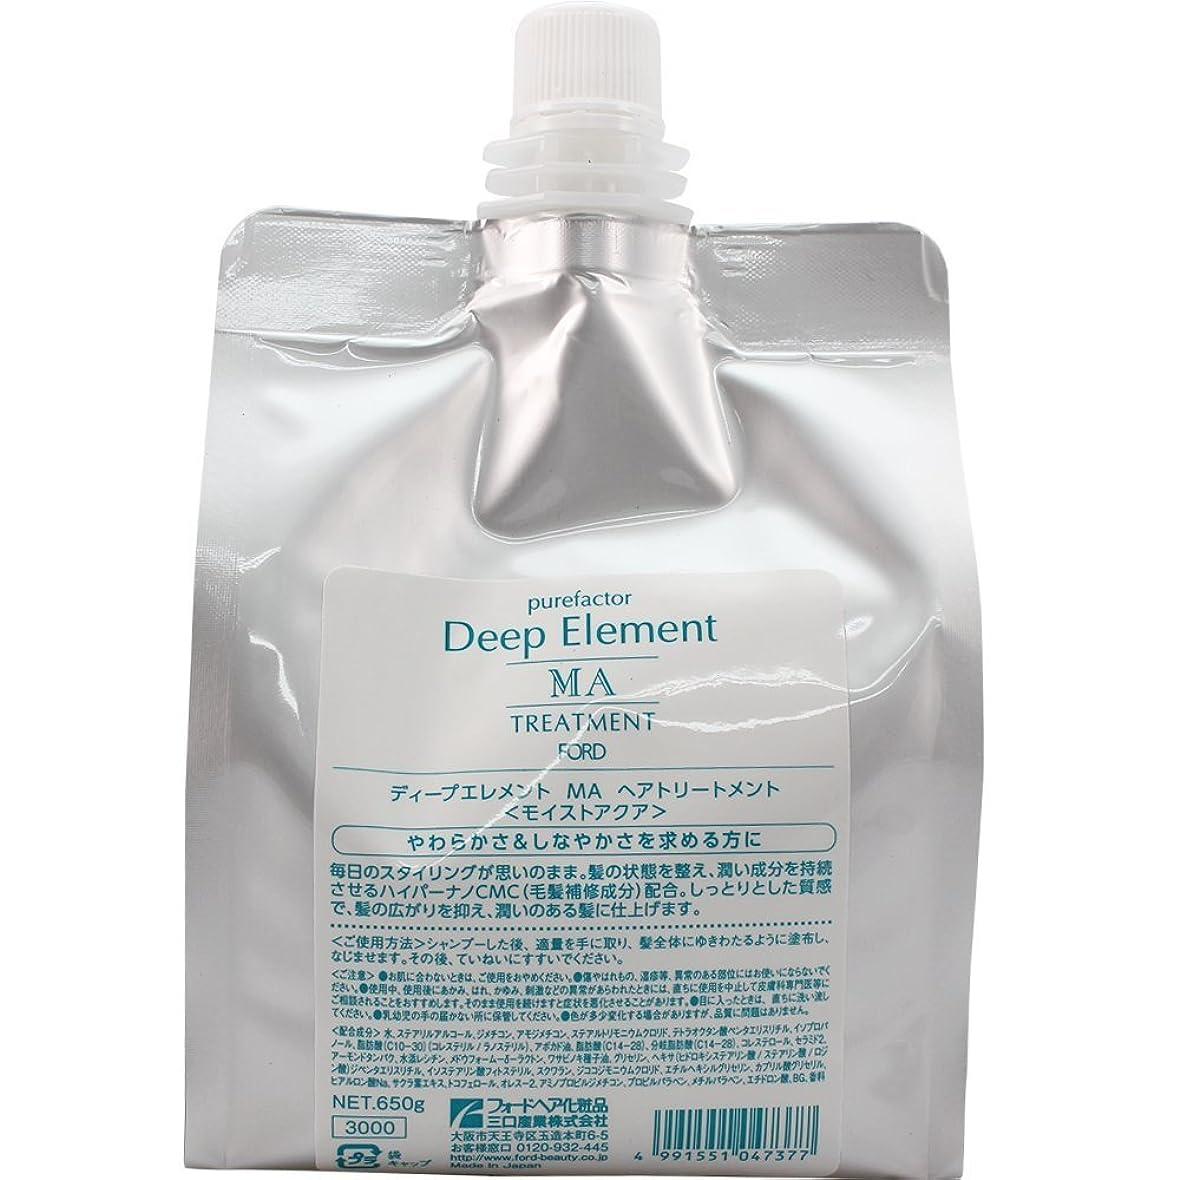 蒸留する急行するジュニアフォードヘア化粧品 ディープエレメント MA ヘアトリートメント レフィル 650g